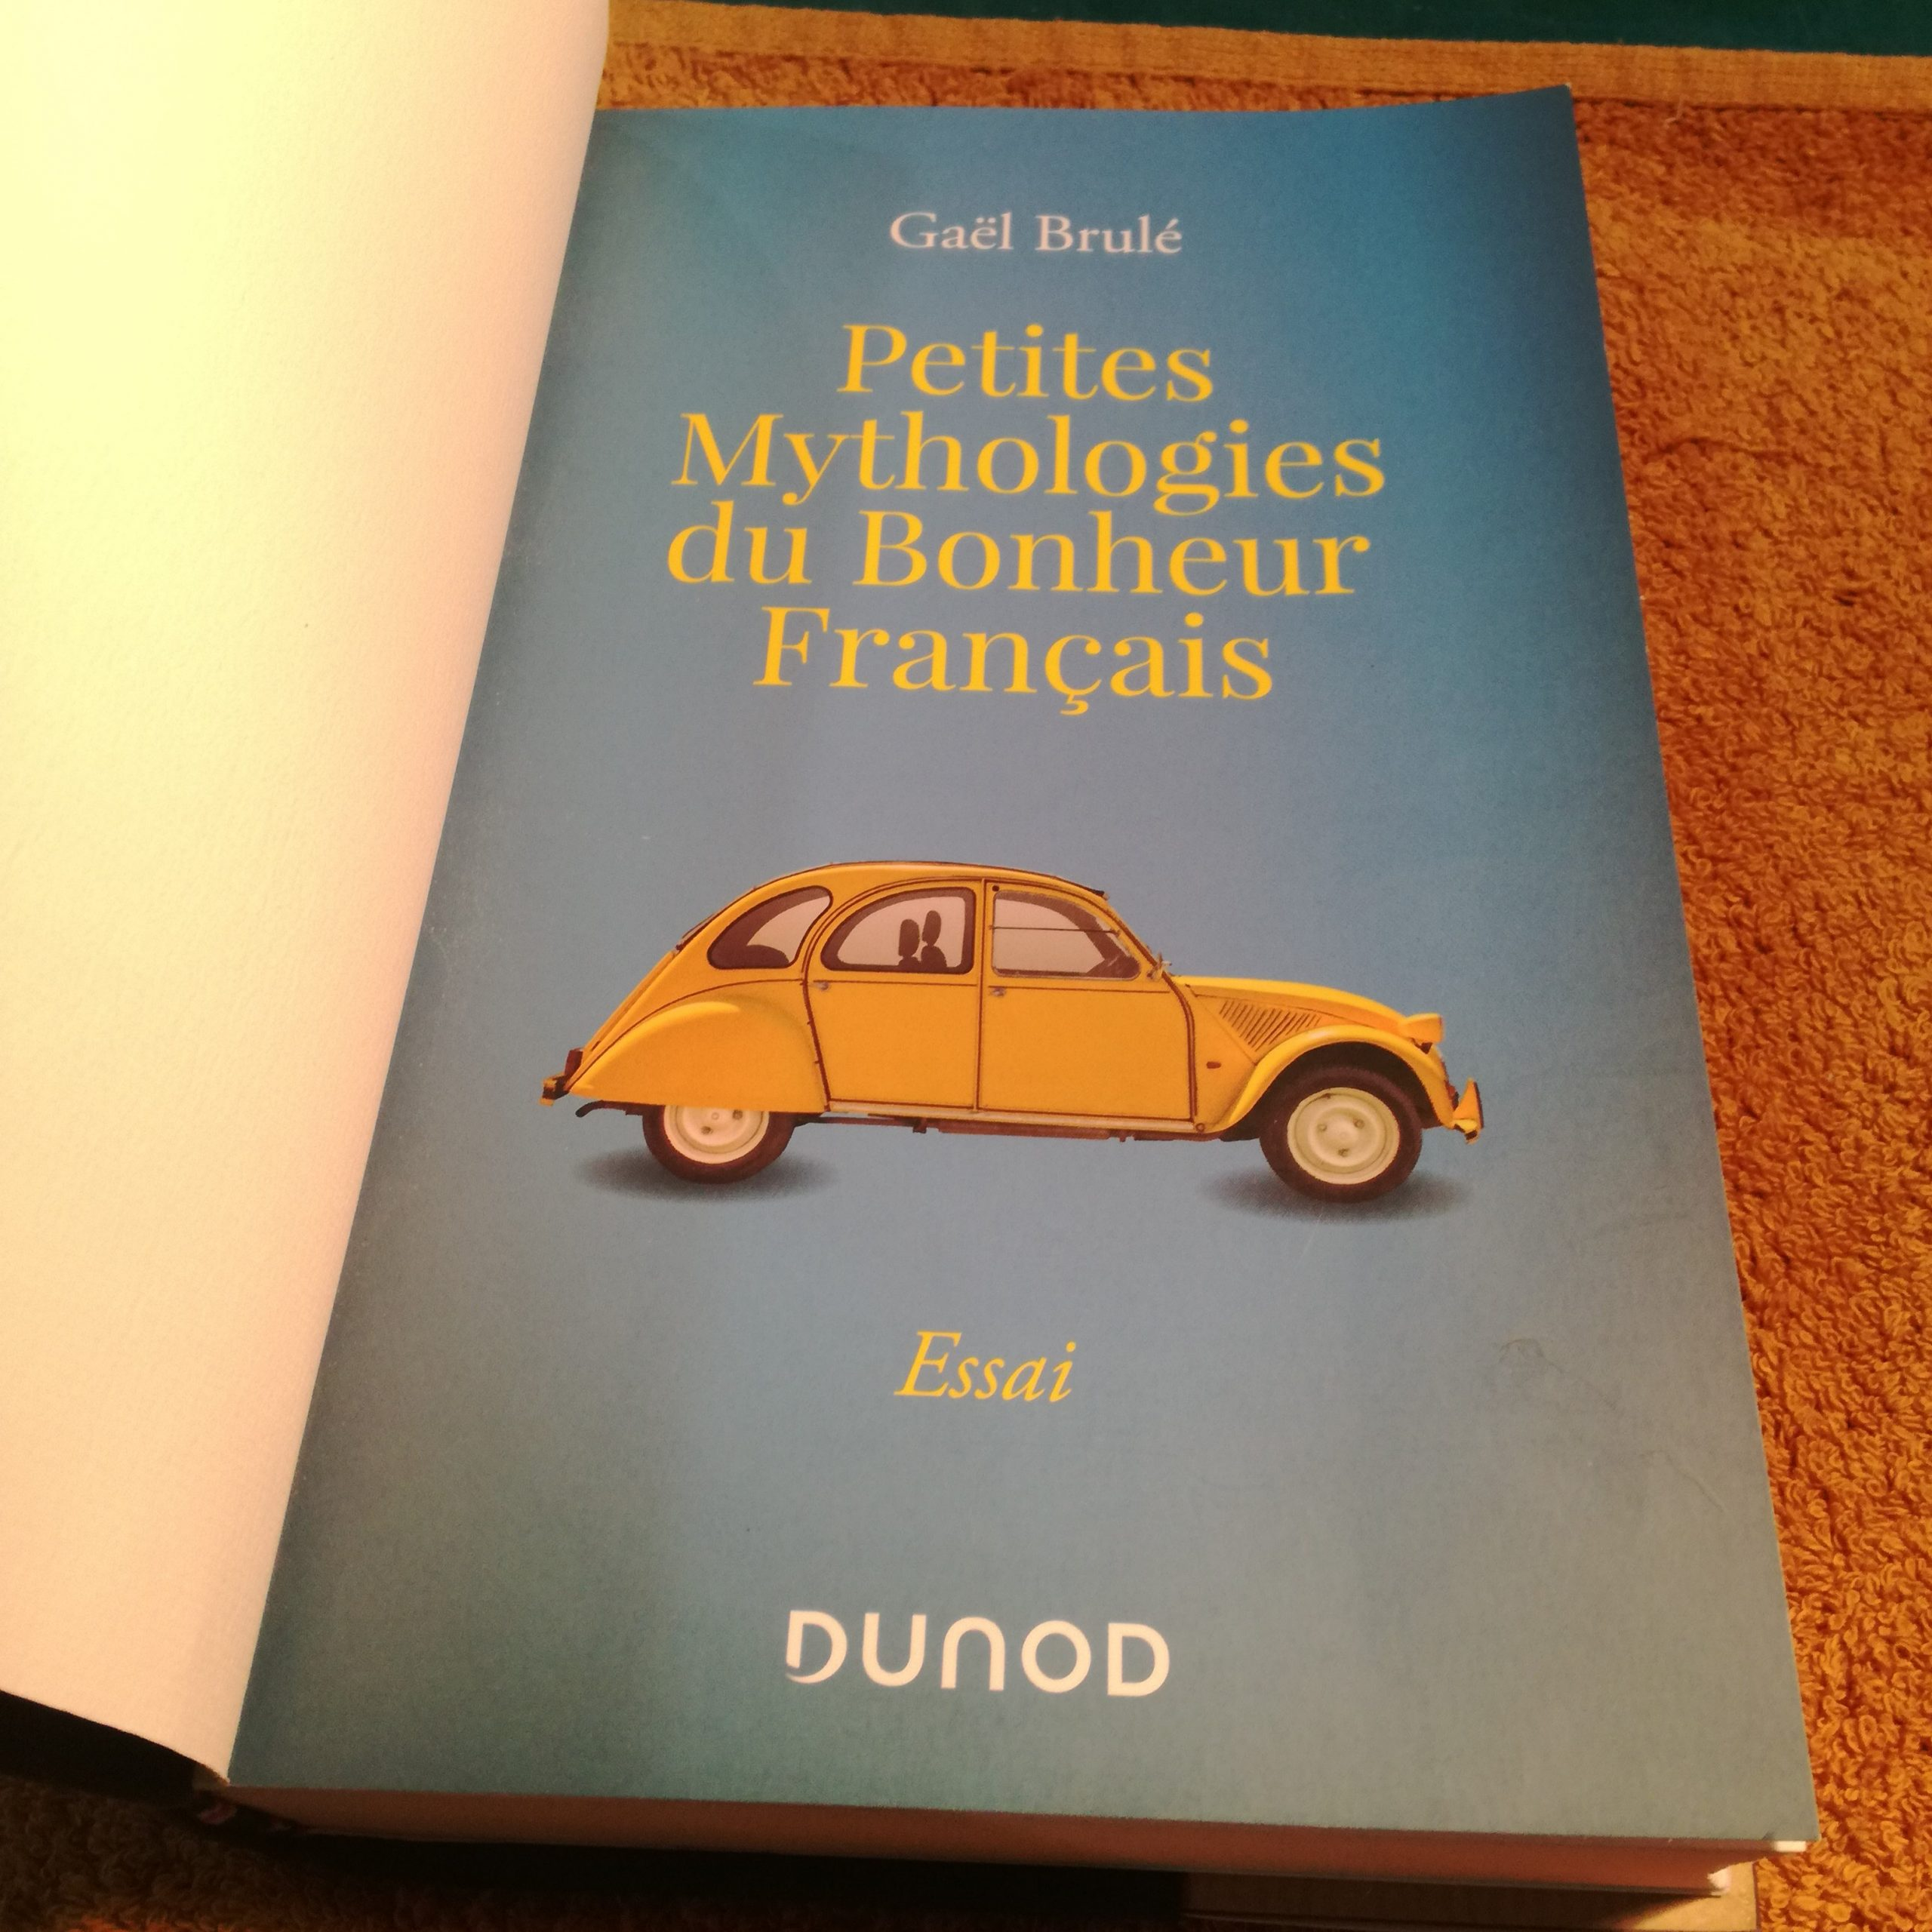 Bonheur français, gael brule, sarrant, reliure, les ames papier